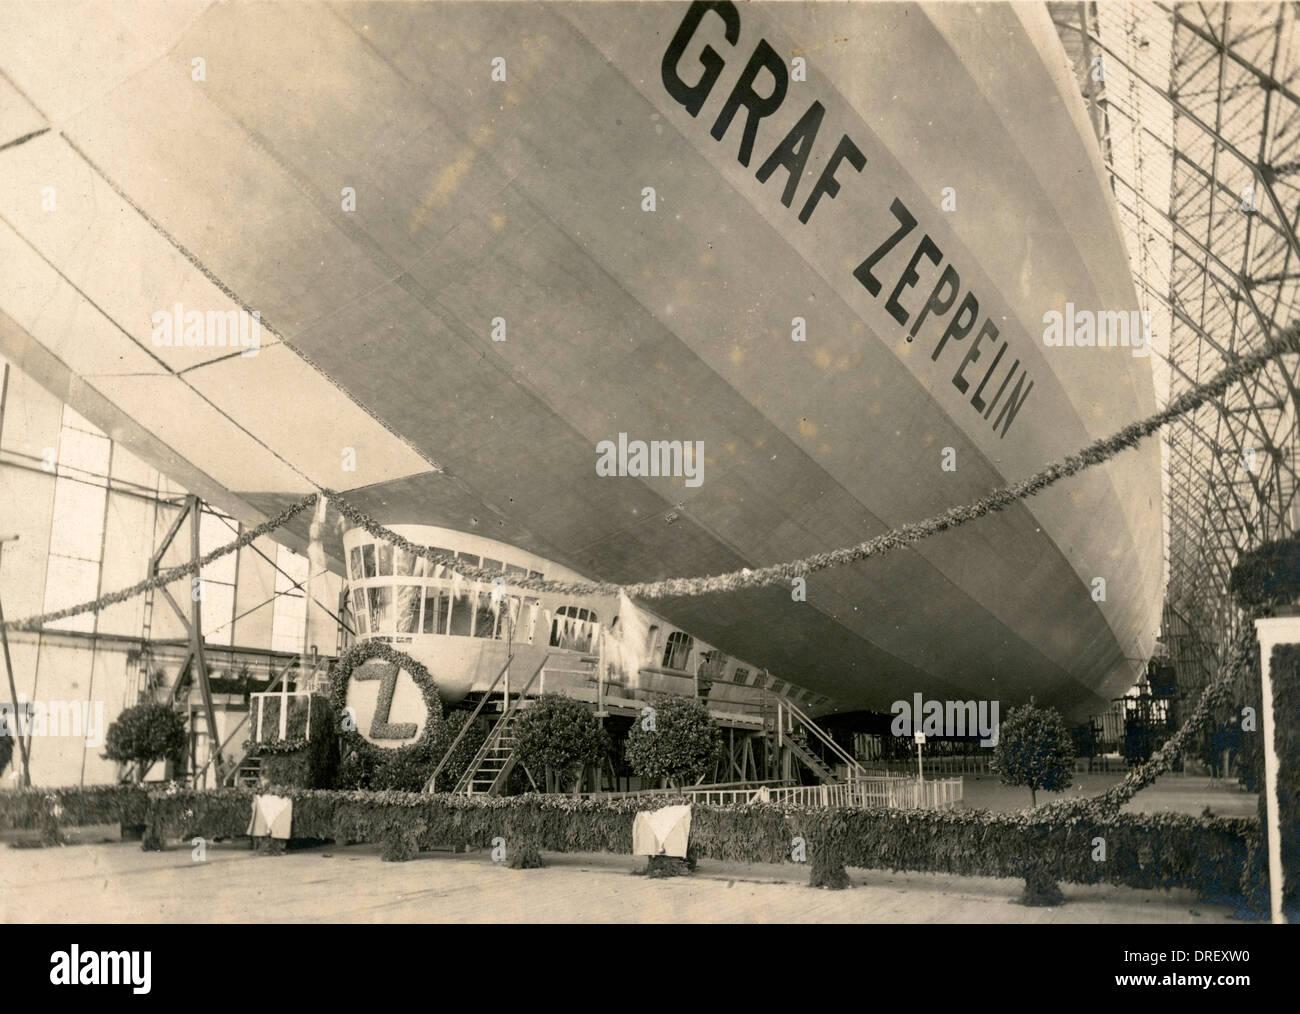 Graf Zeppelin in einem Hangar in Deutschland Stockbild